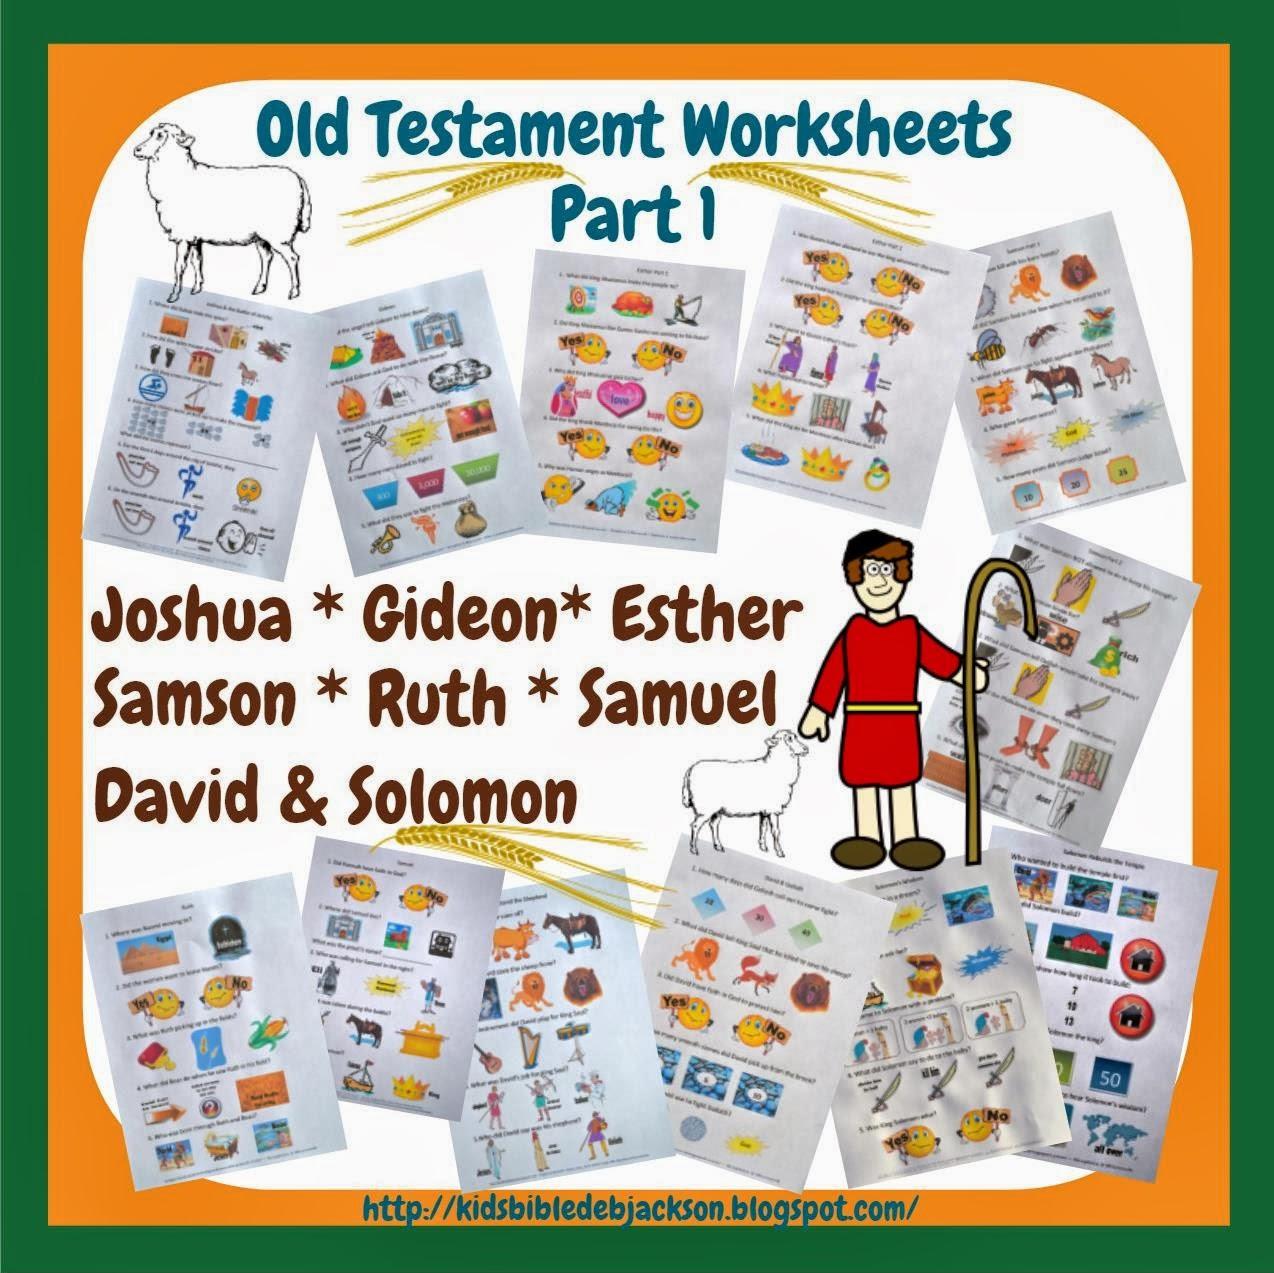 http://kidsbibledebjackson.blogspot.com/2013/11/old-testament-bible-people-worksheets.html